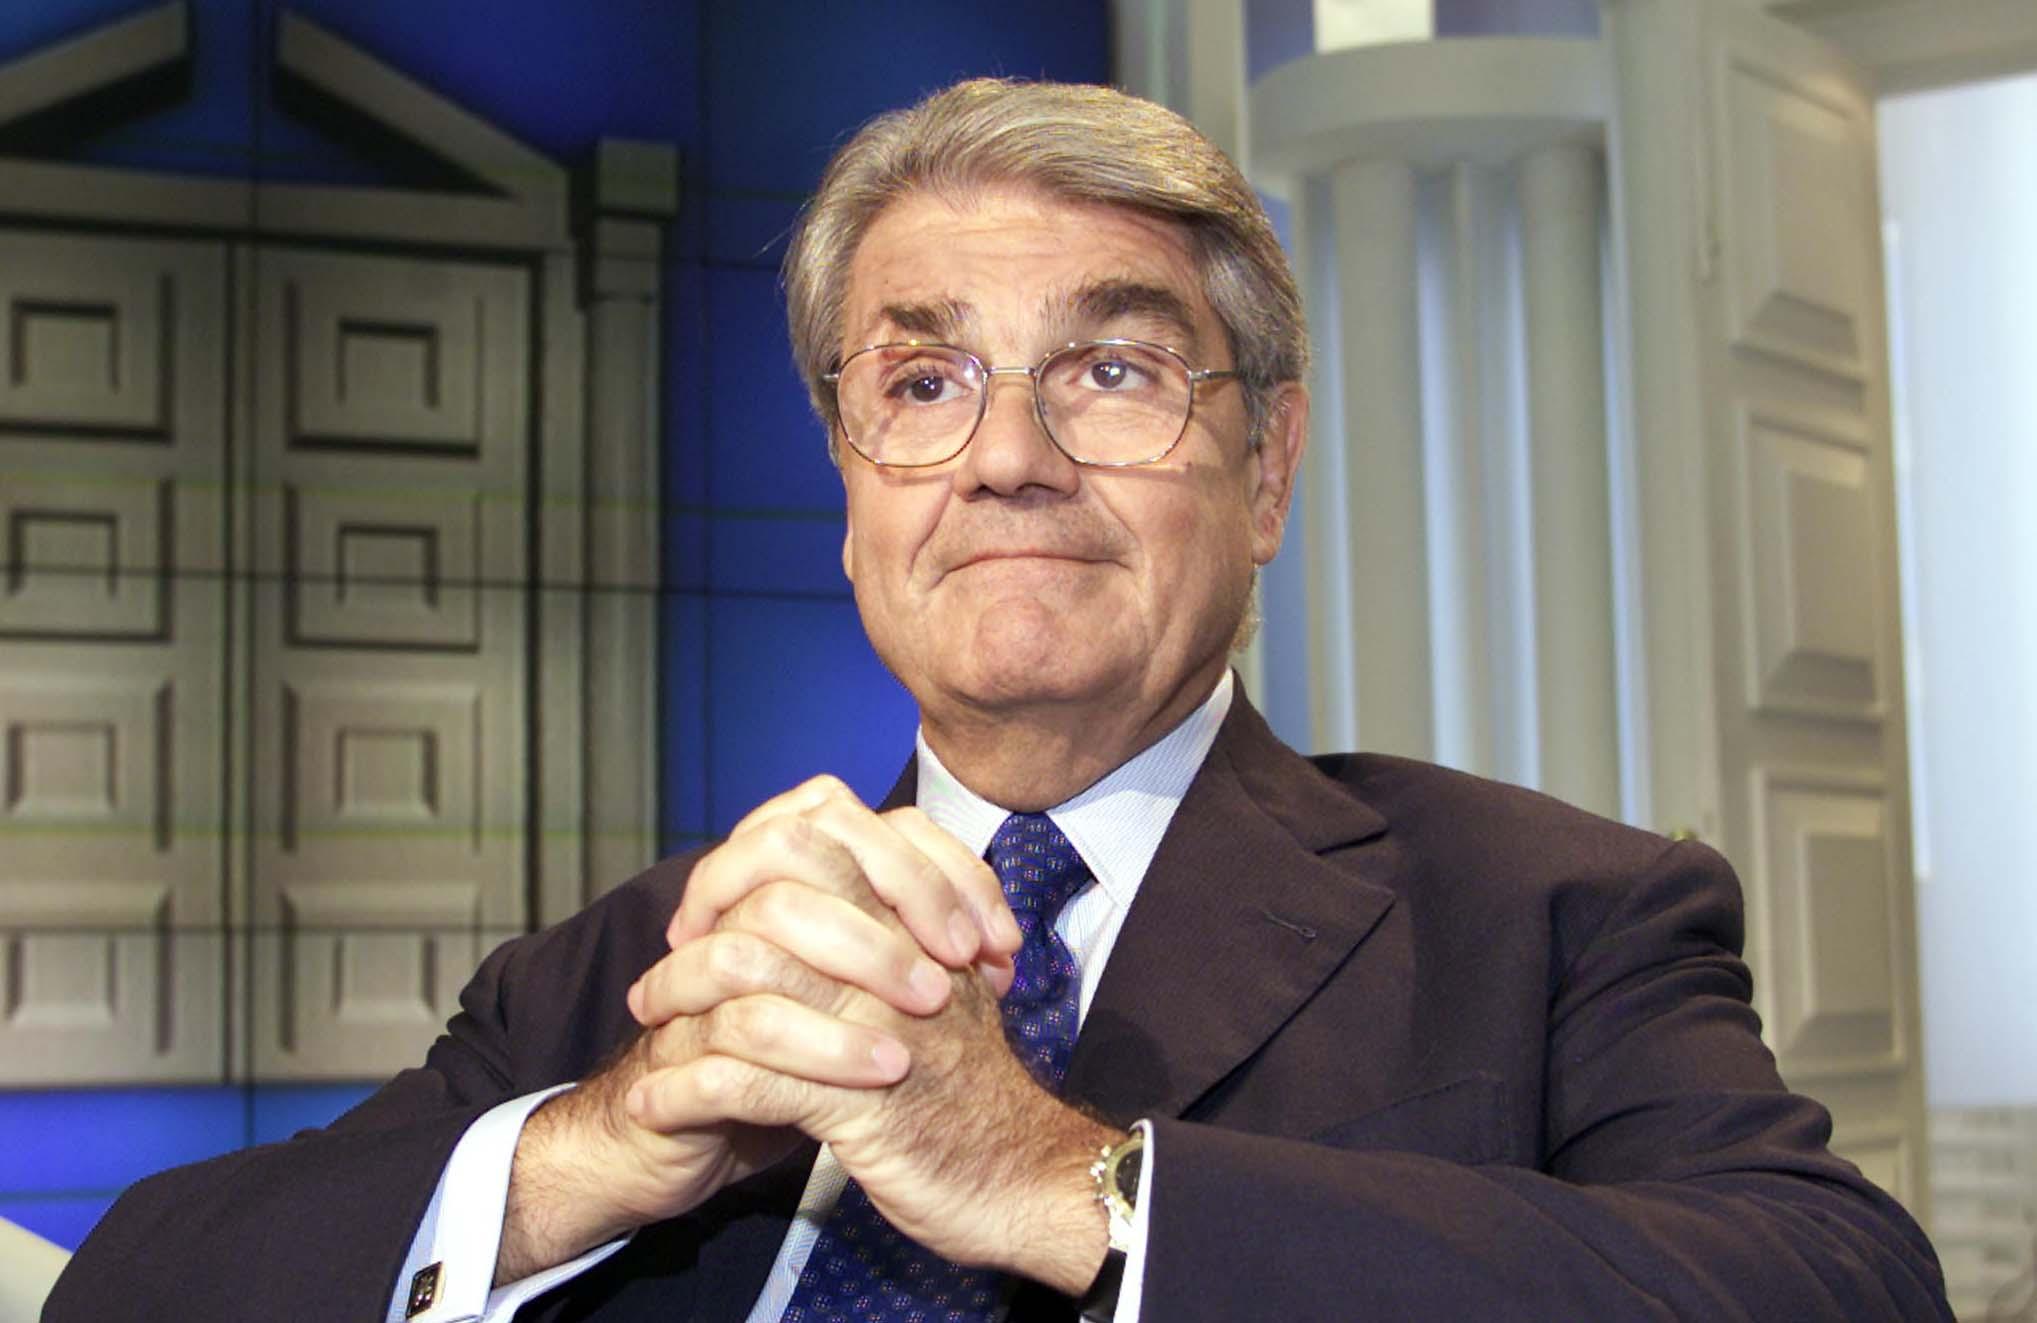 Chi è Calogero Mannino, ex ministro imputato processo Trattativa Stato-Mafia